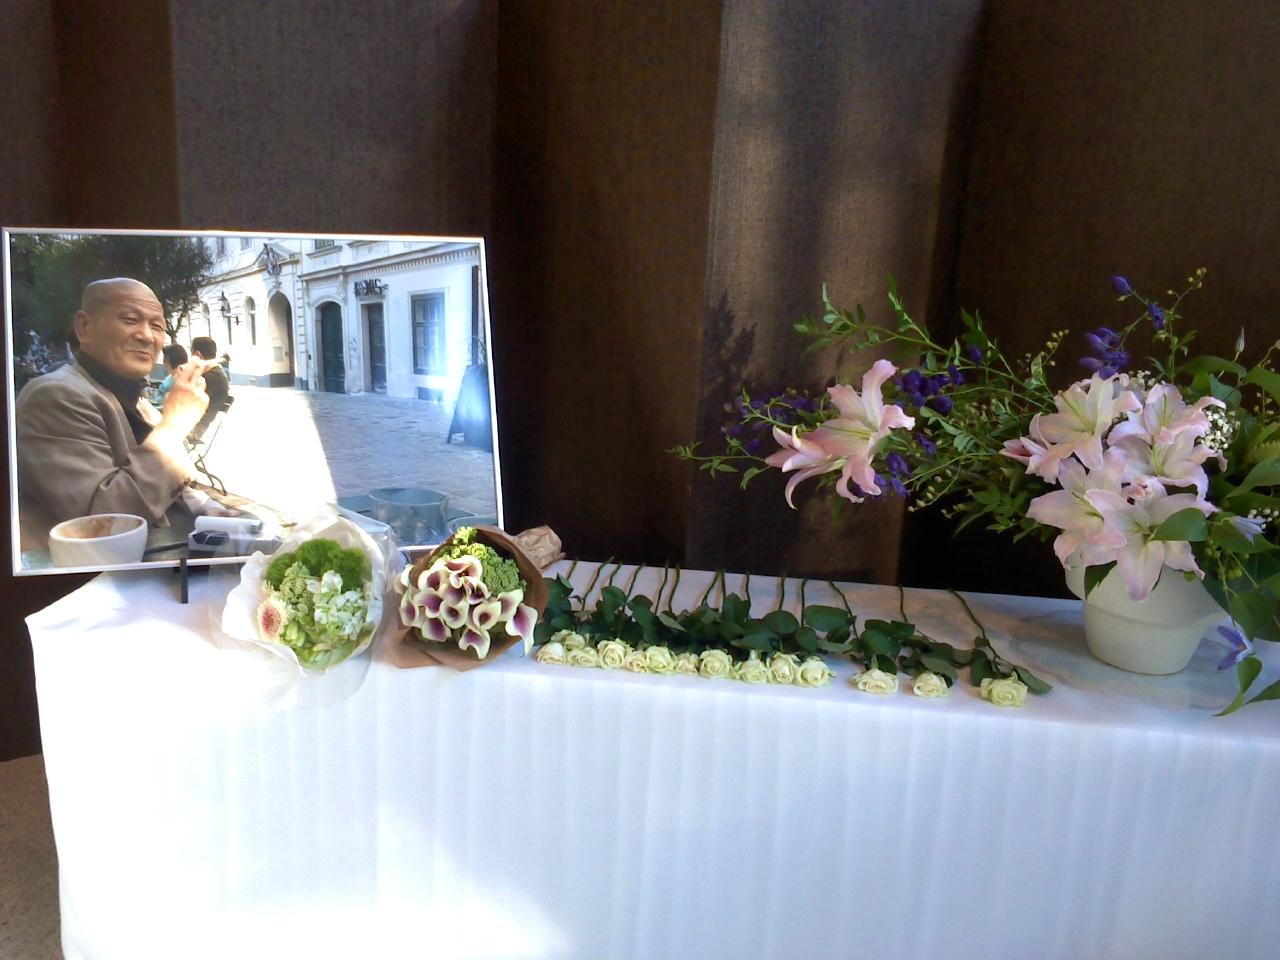 ホール入り口に設置された献花台 ©Hiroshi Tsutsumi